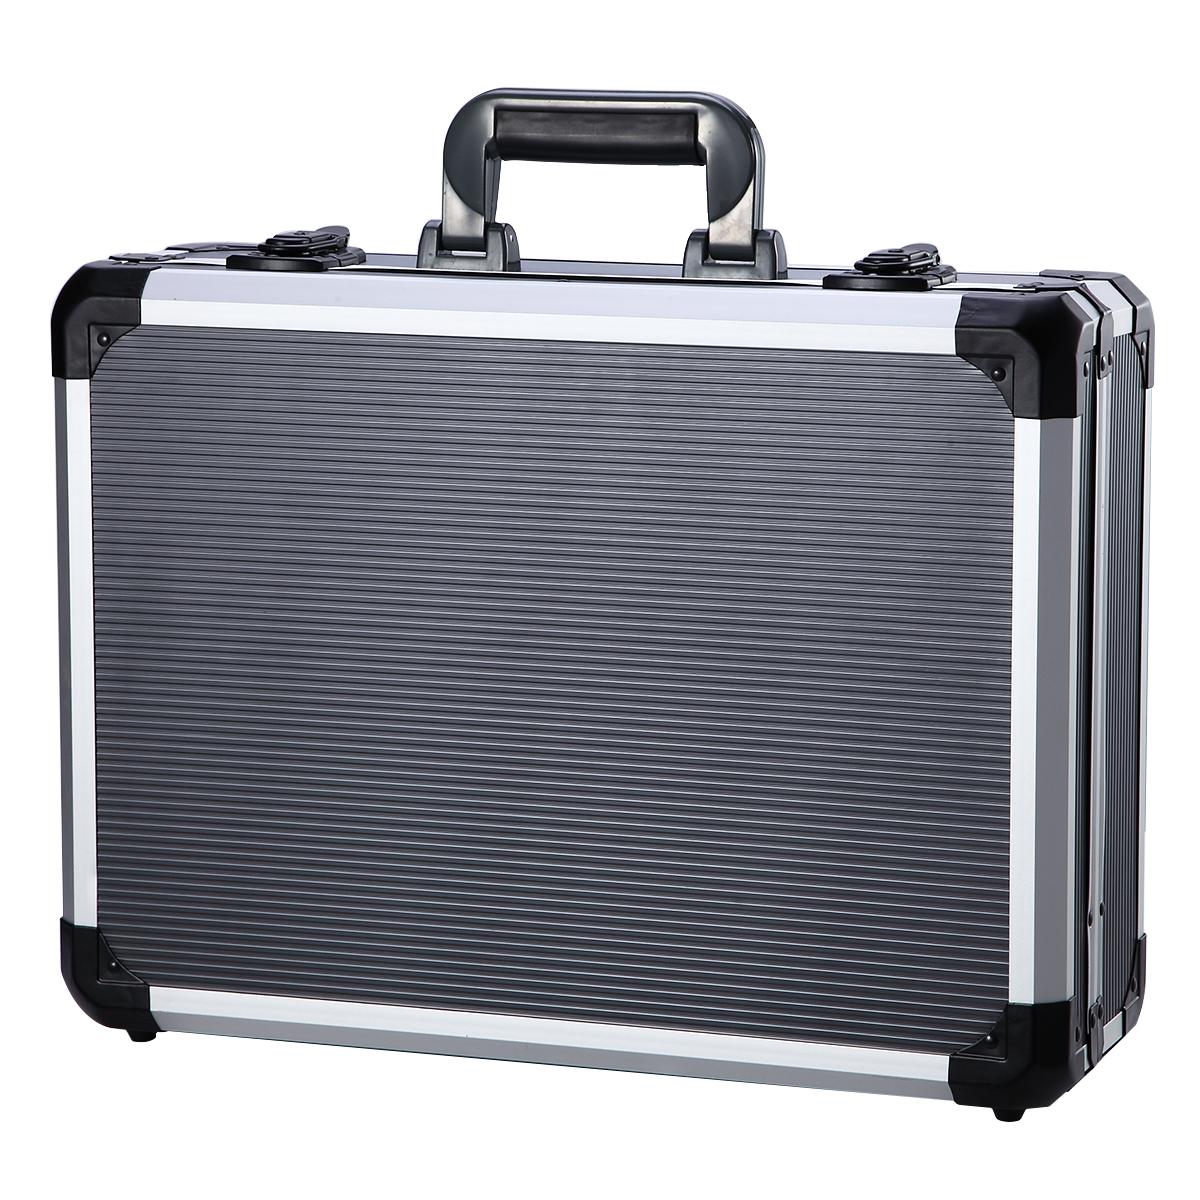 Aleaciones de aluminio de la Caja de herramientas herramientas de mantenimiento a bordo de una caja con cerradura multifunción maleta vacía con Correa